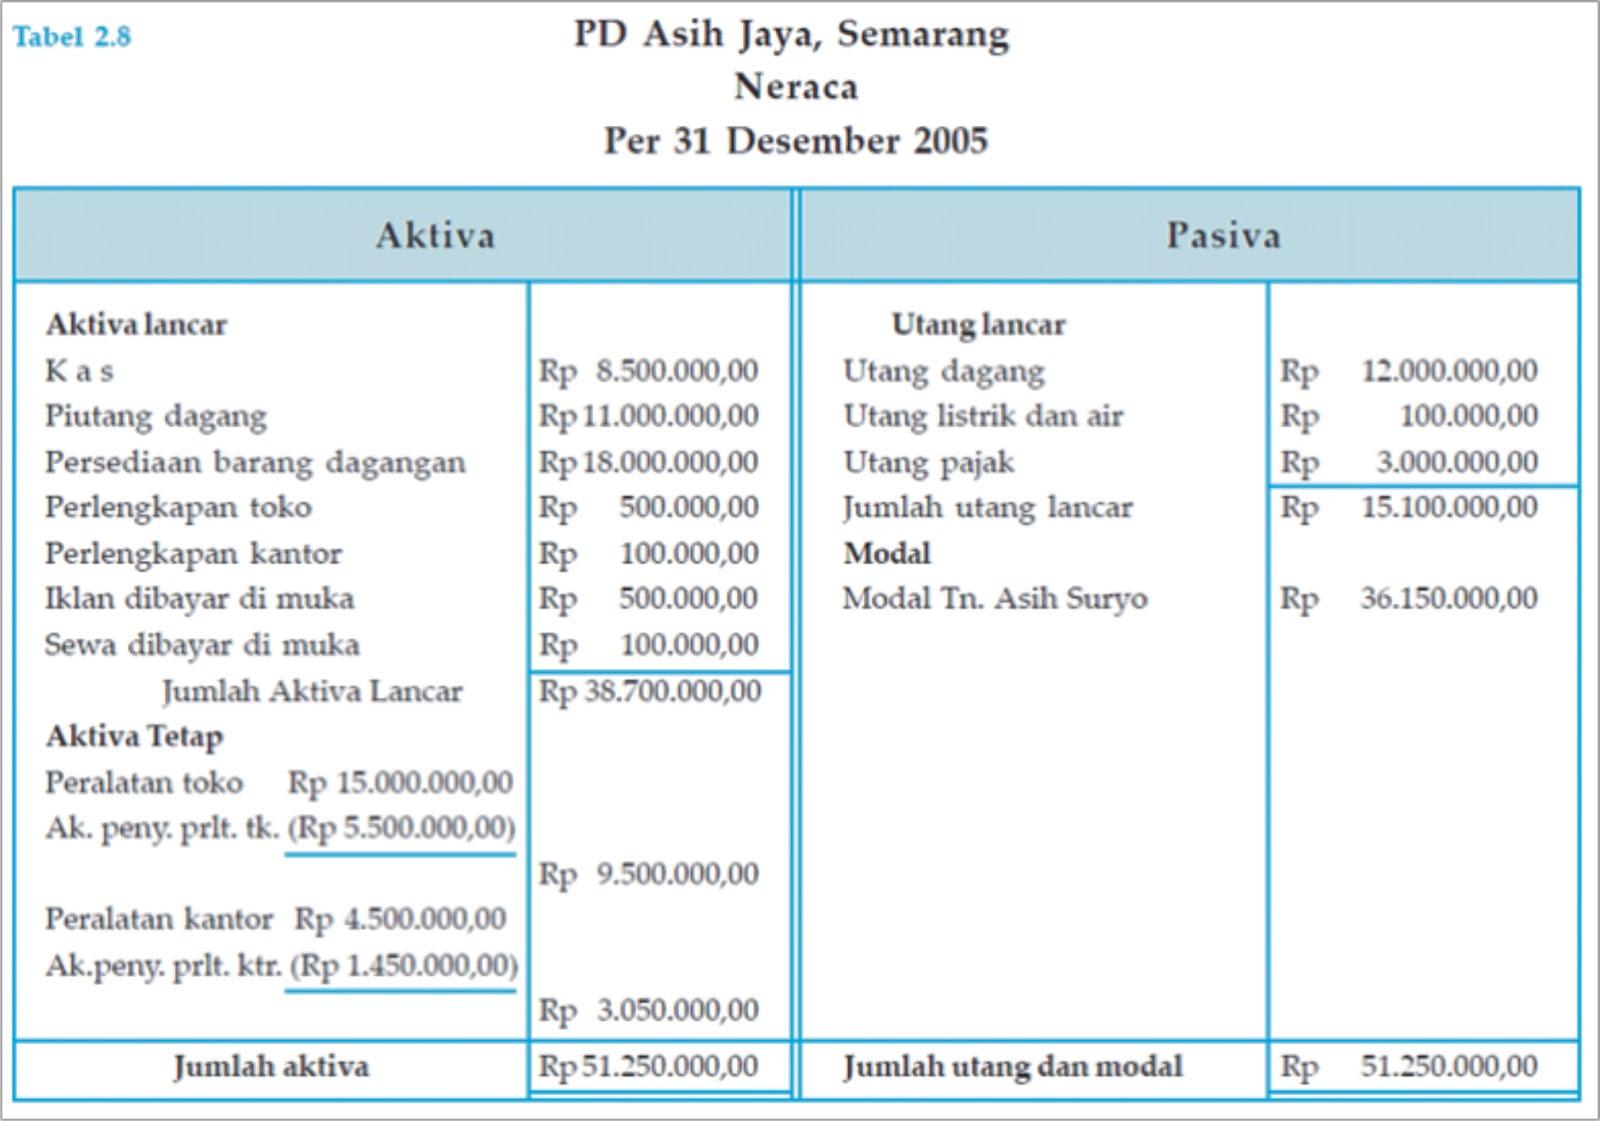 Mega Pramita Laporan Keuangan Danisis Ratio